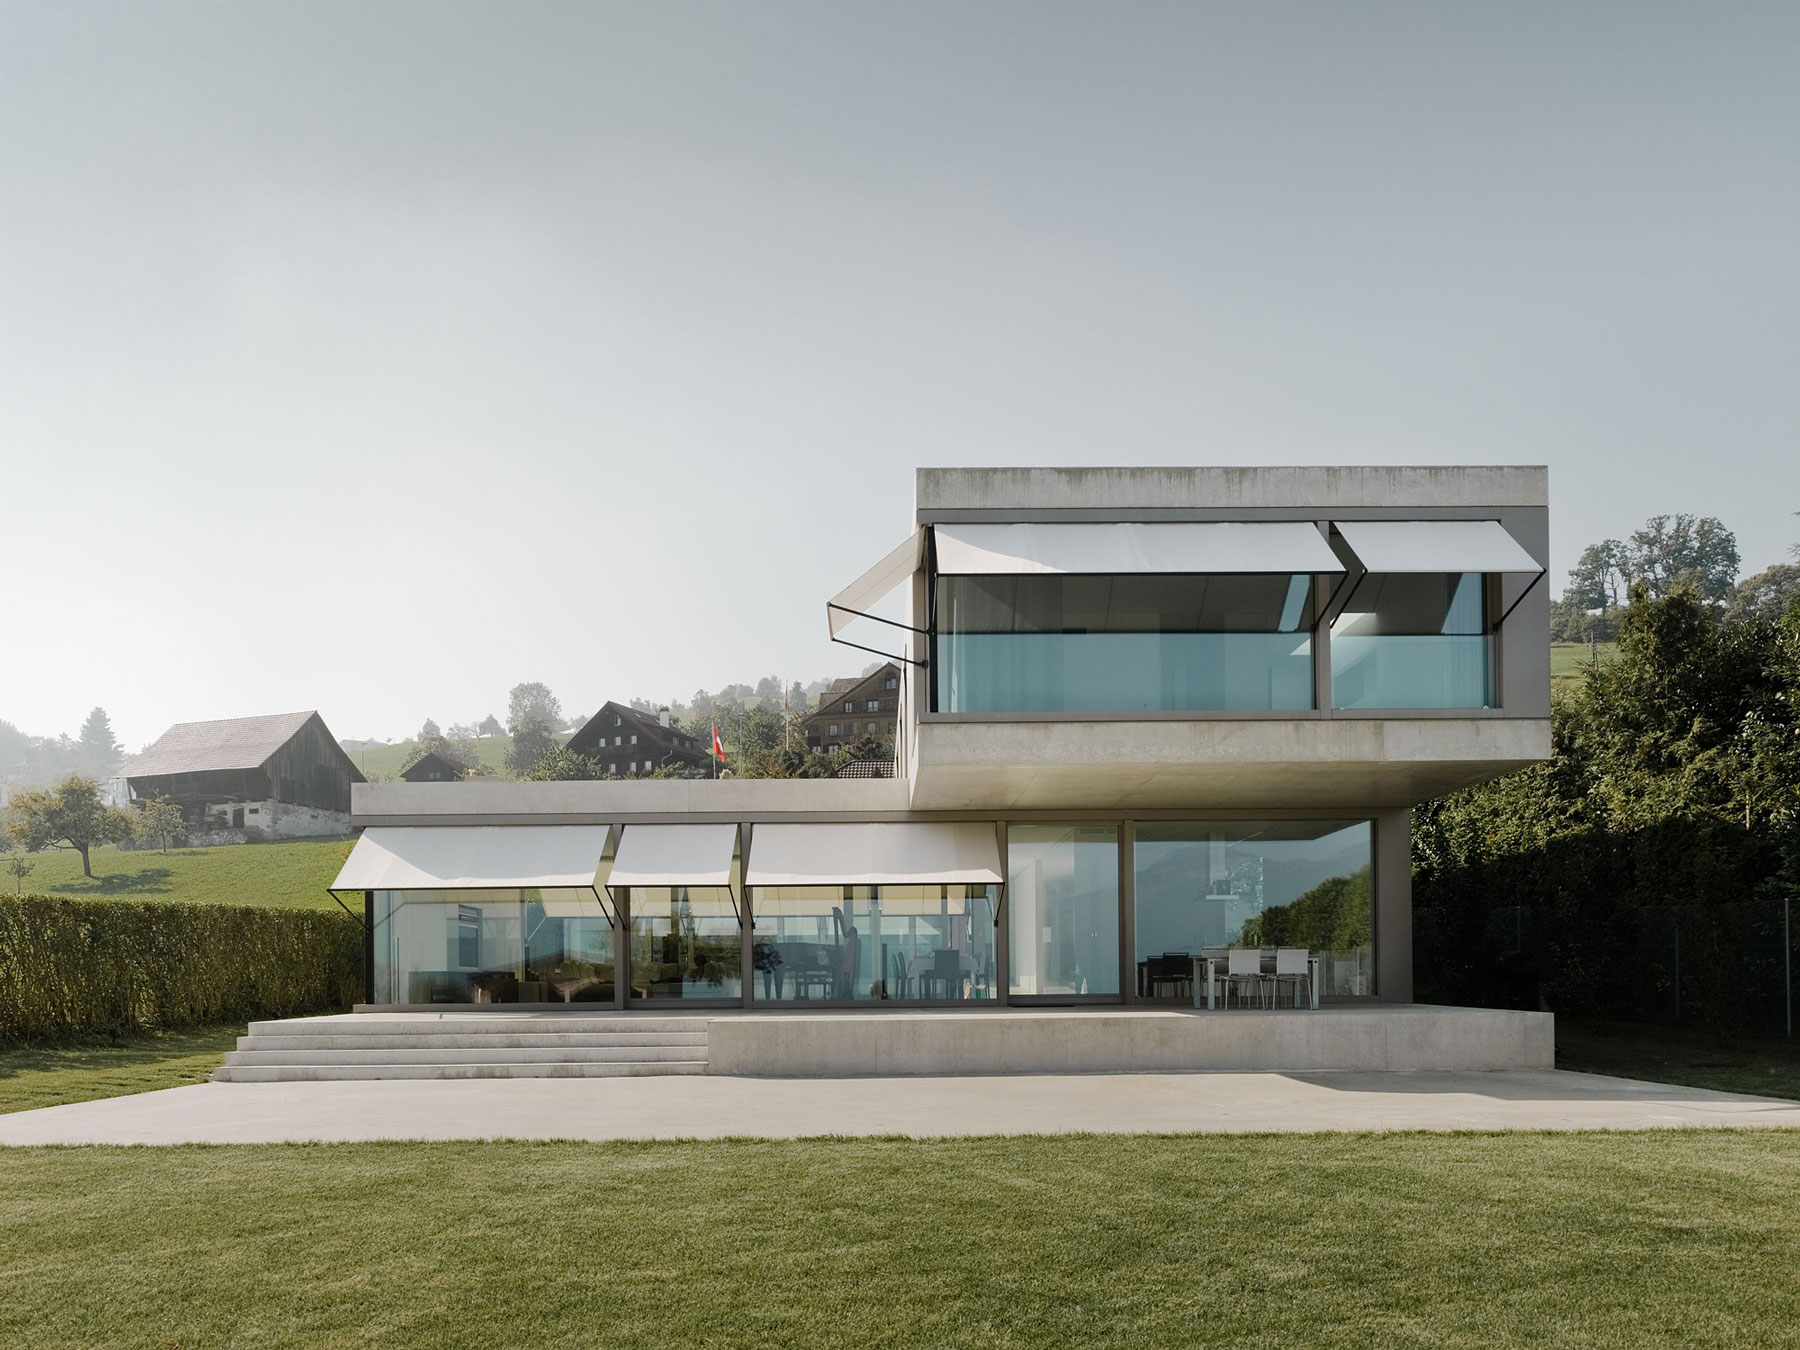 Villa M by Niklaus Graber + Christoph Steiger Architekten